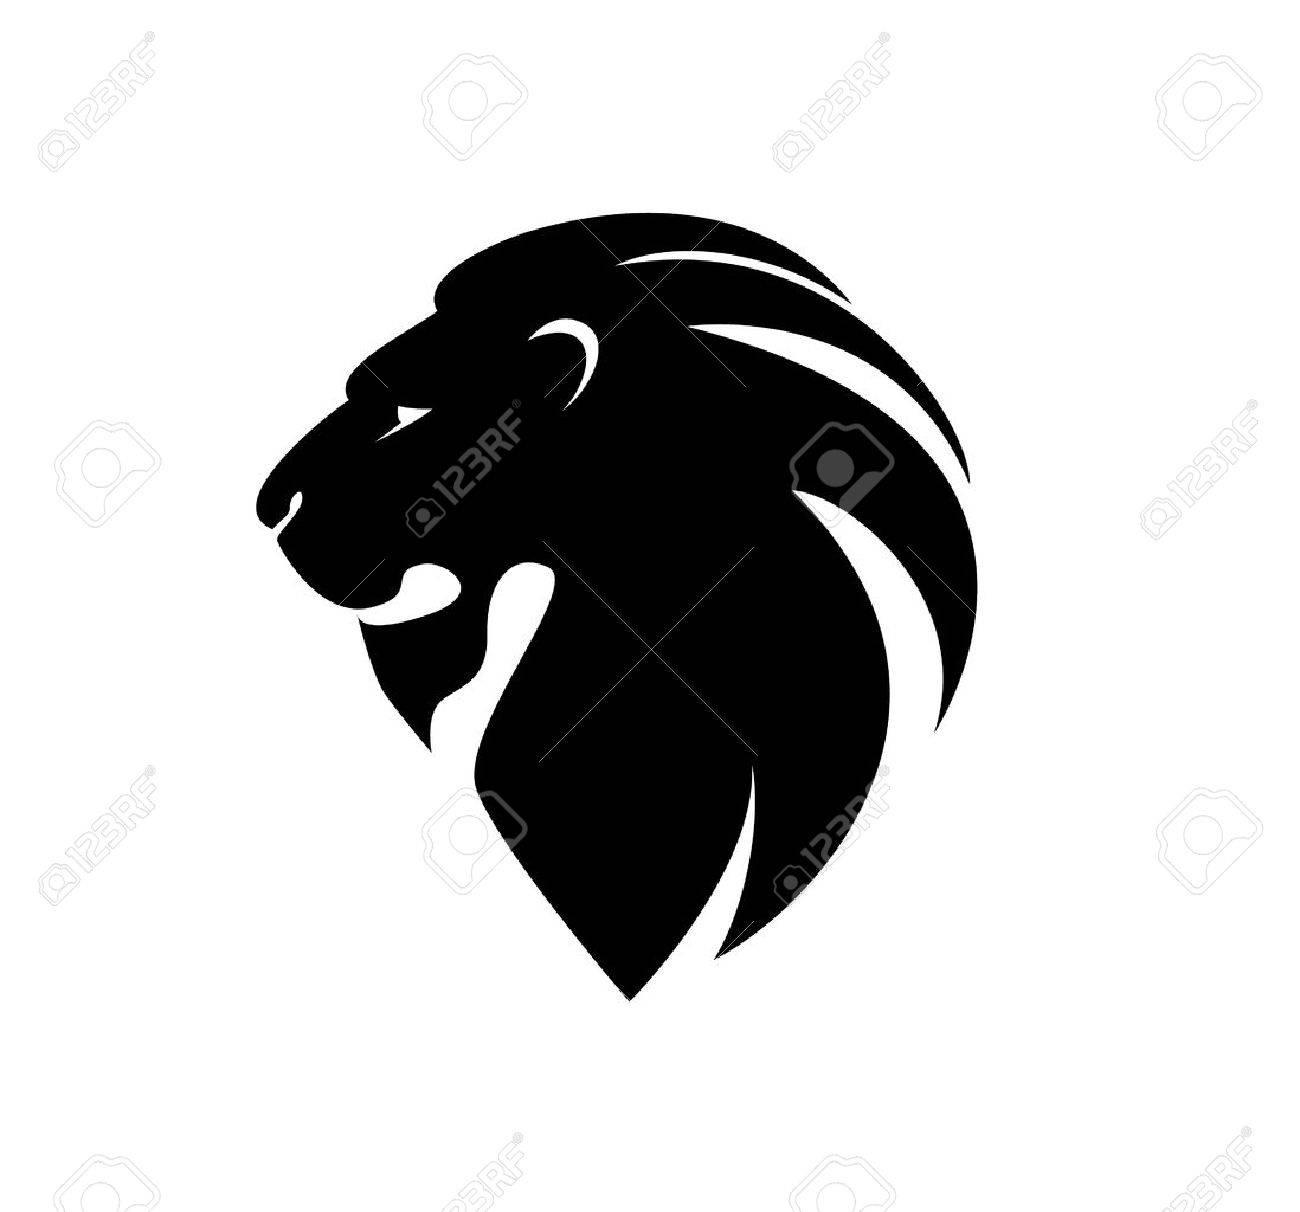 lion's head in profile. - 53163808